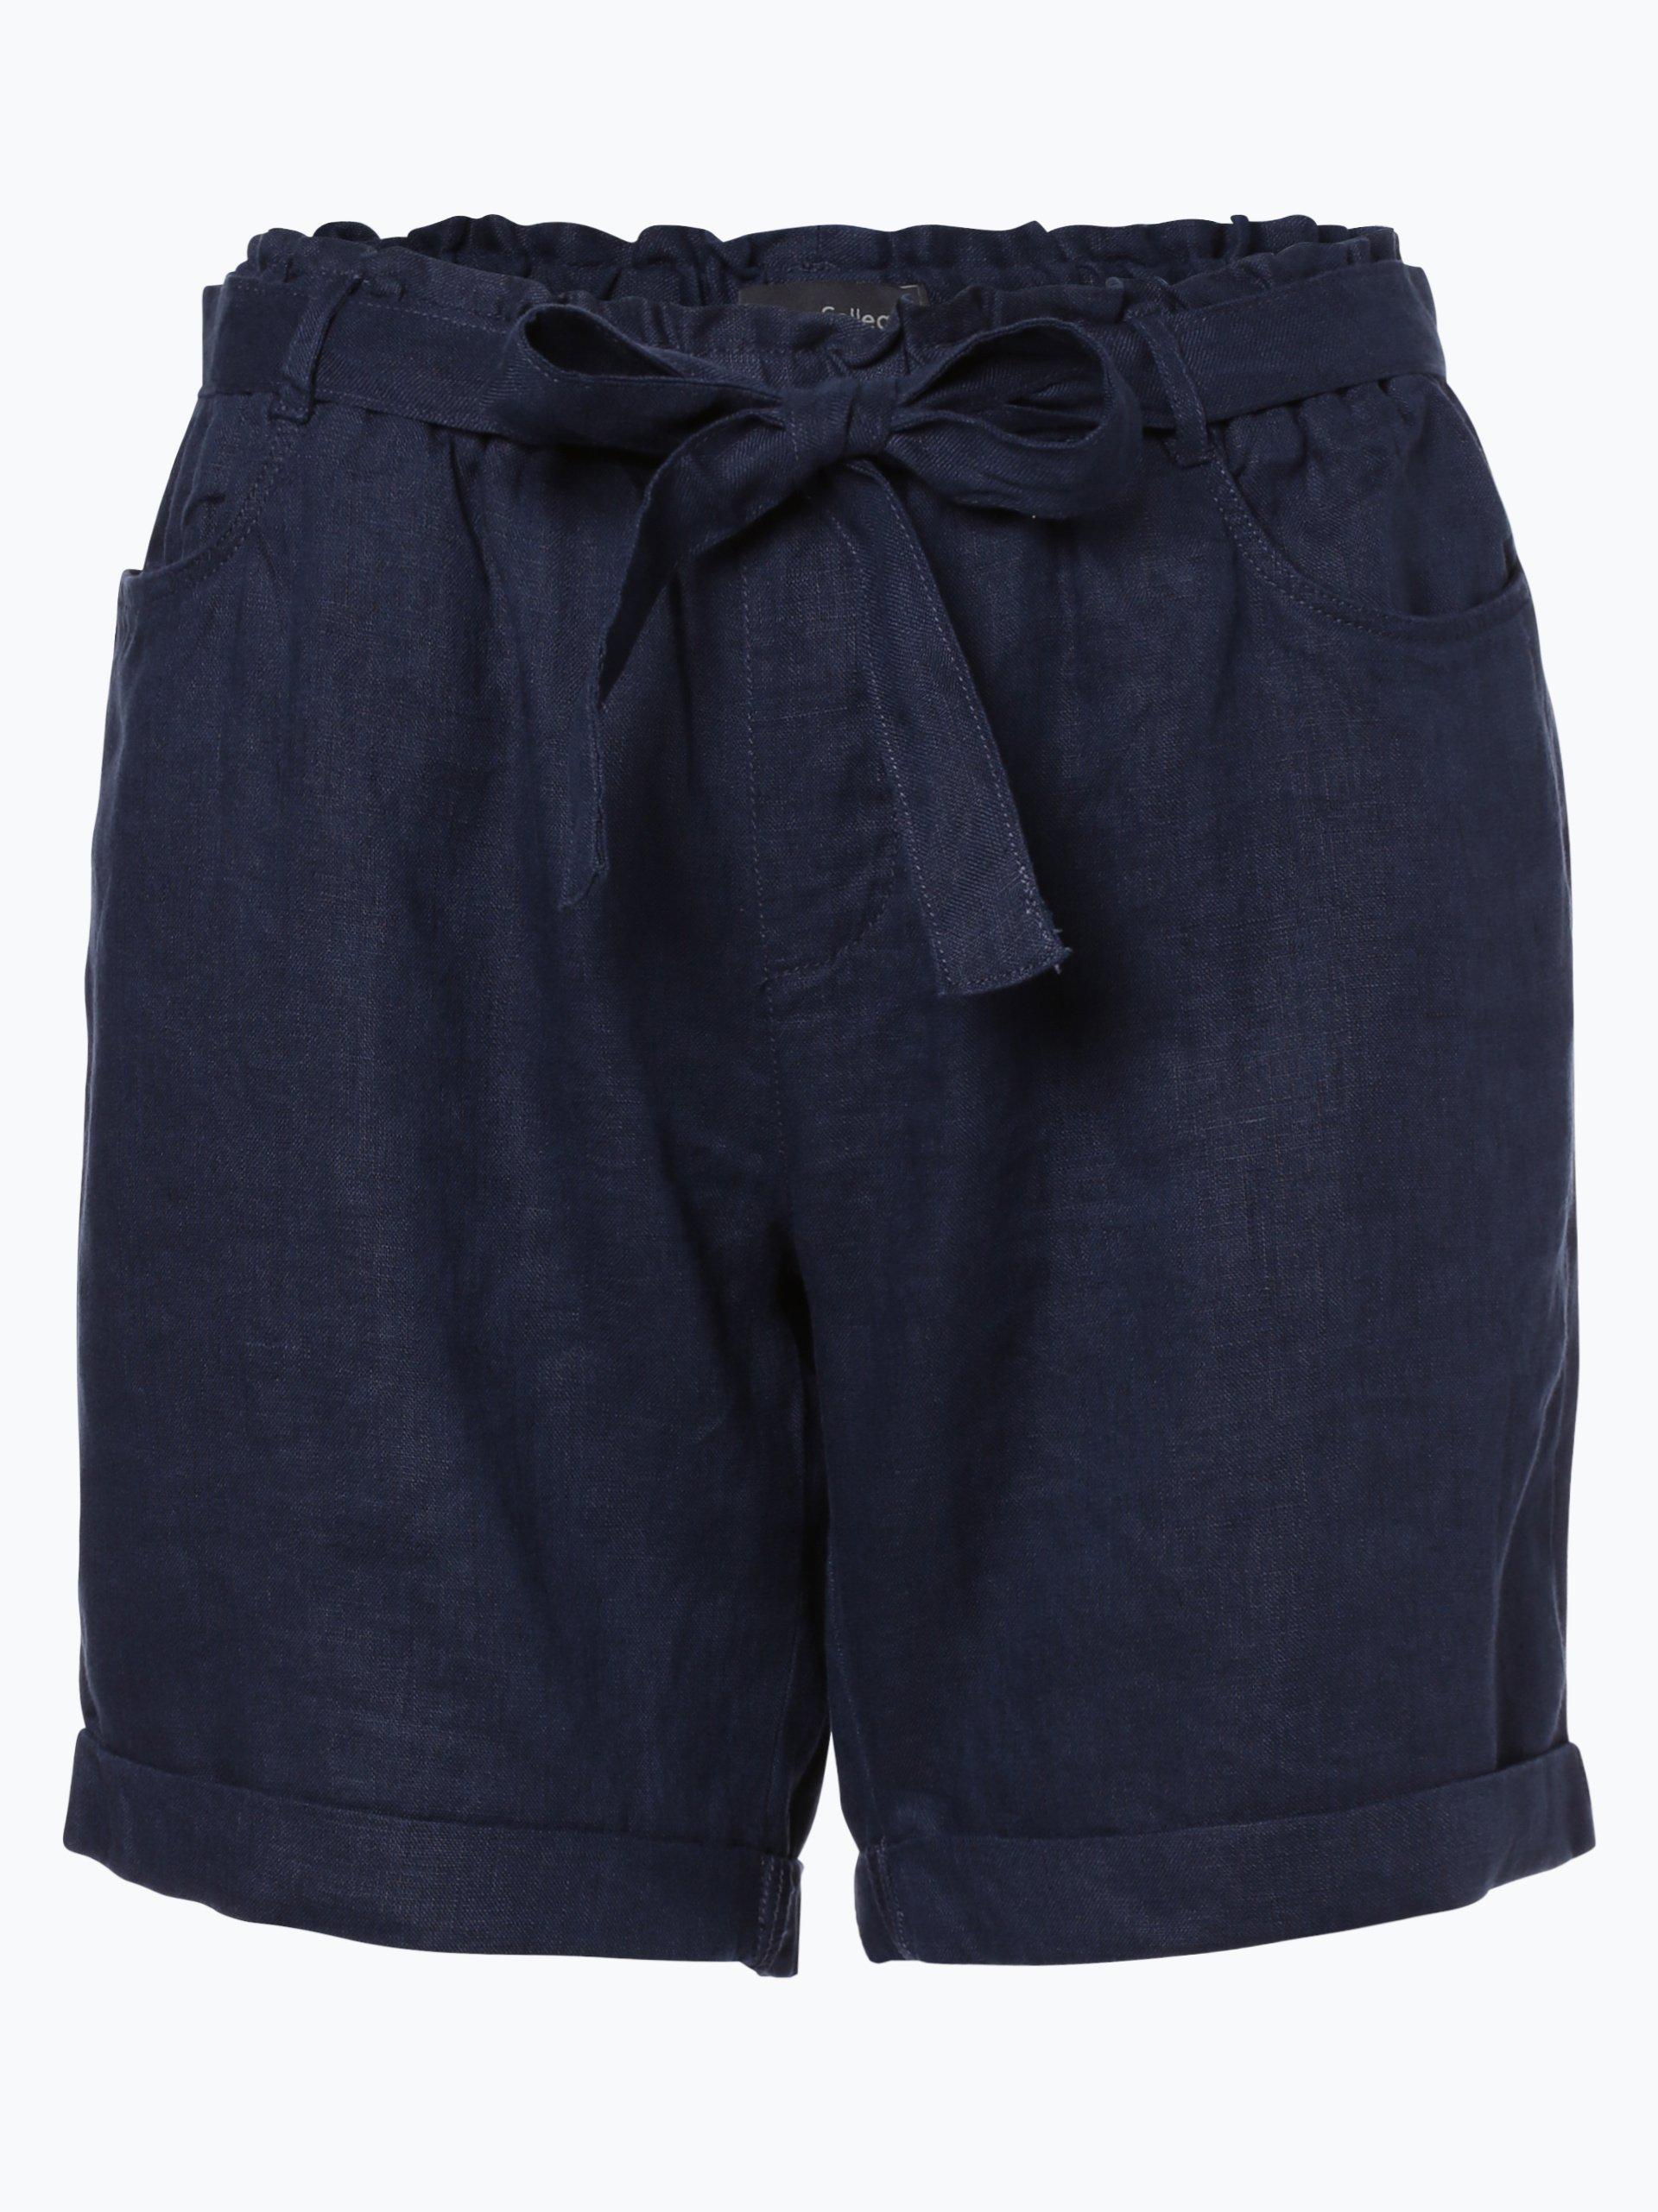 Damen Shorts aus Leinen grau Franco Callegari WkGk6JgvH9